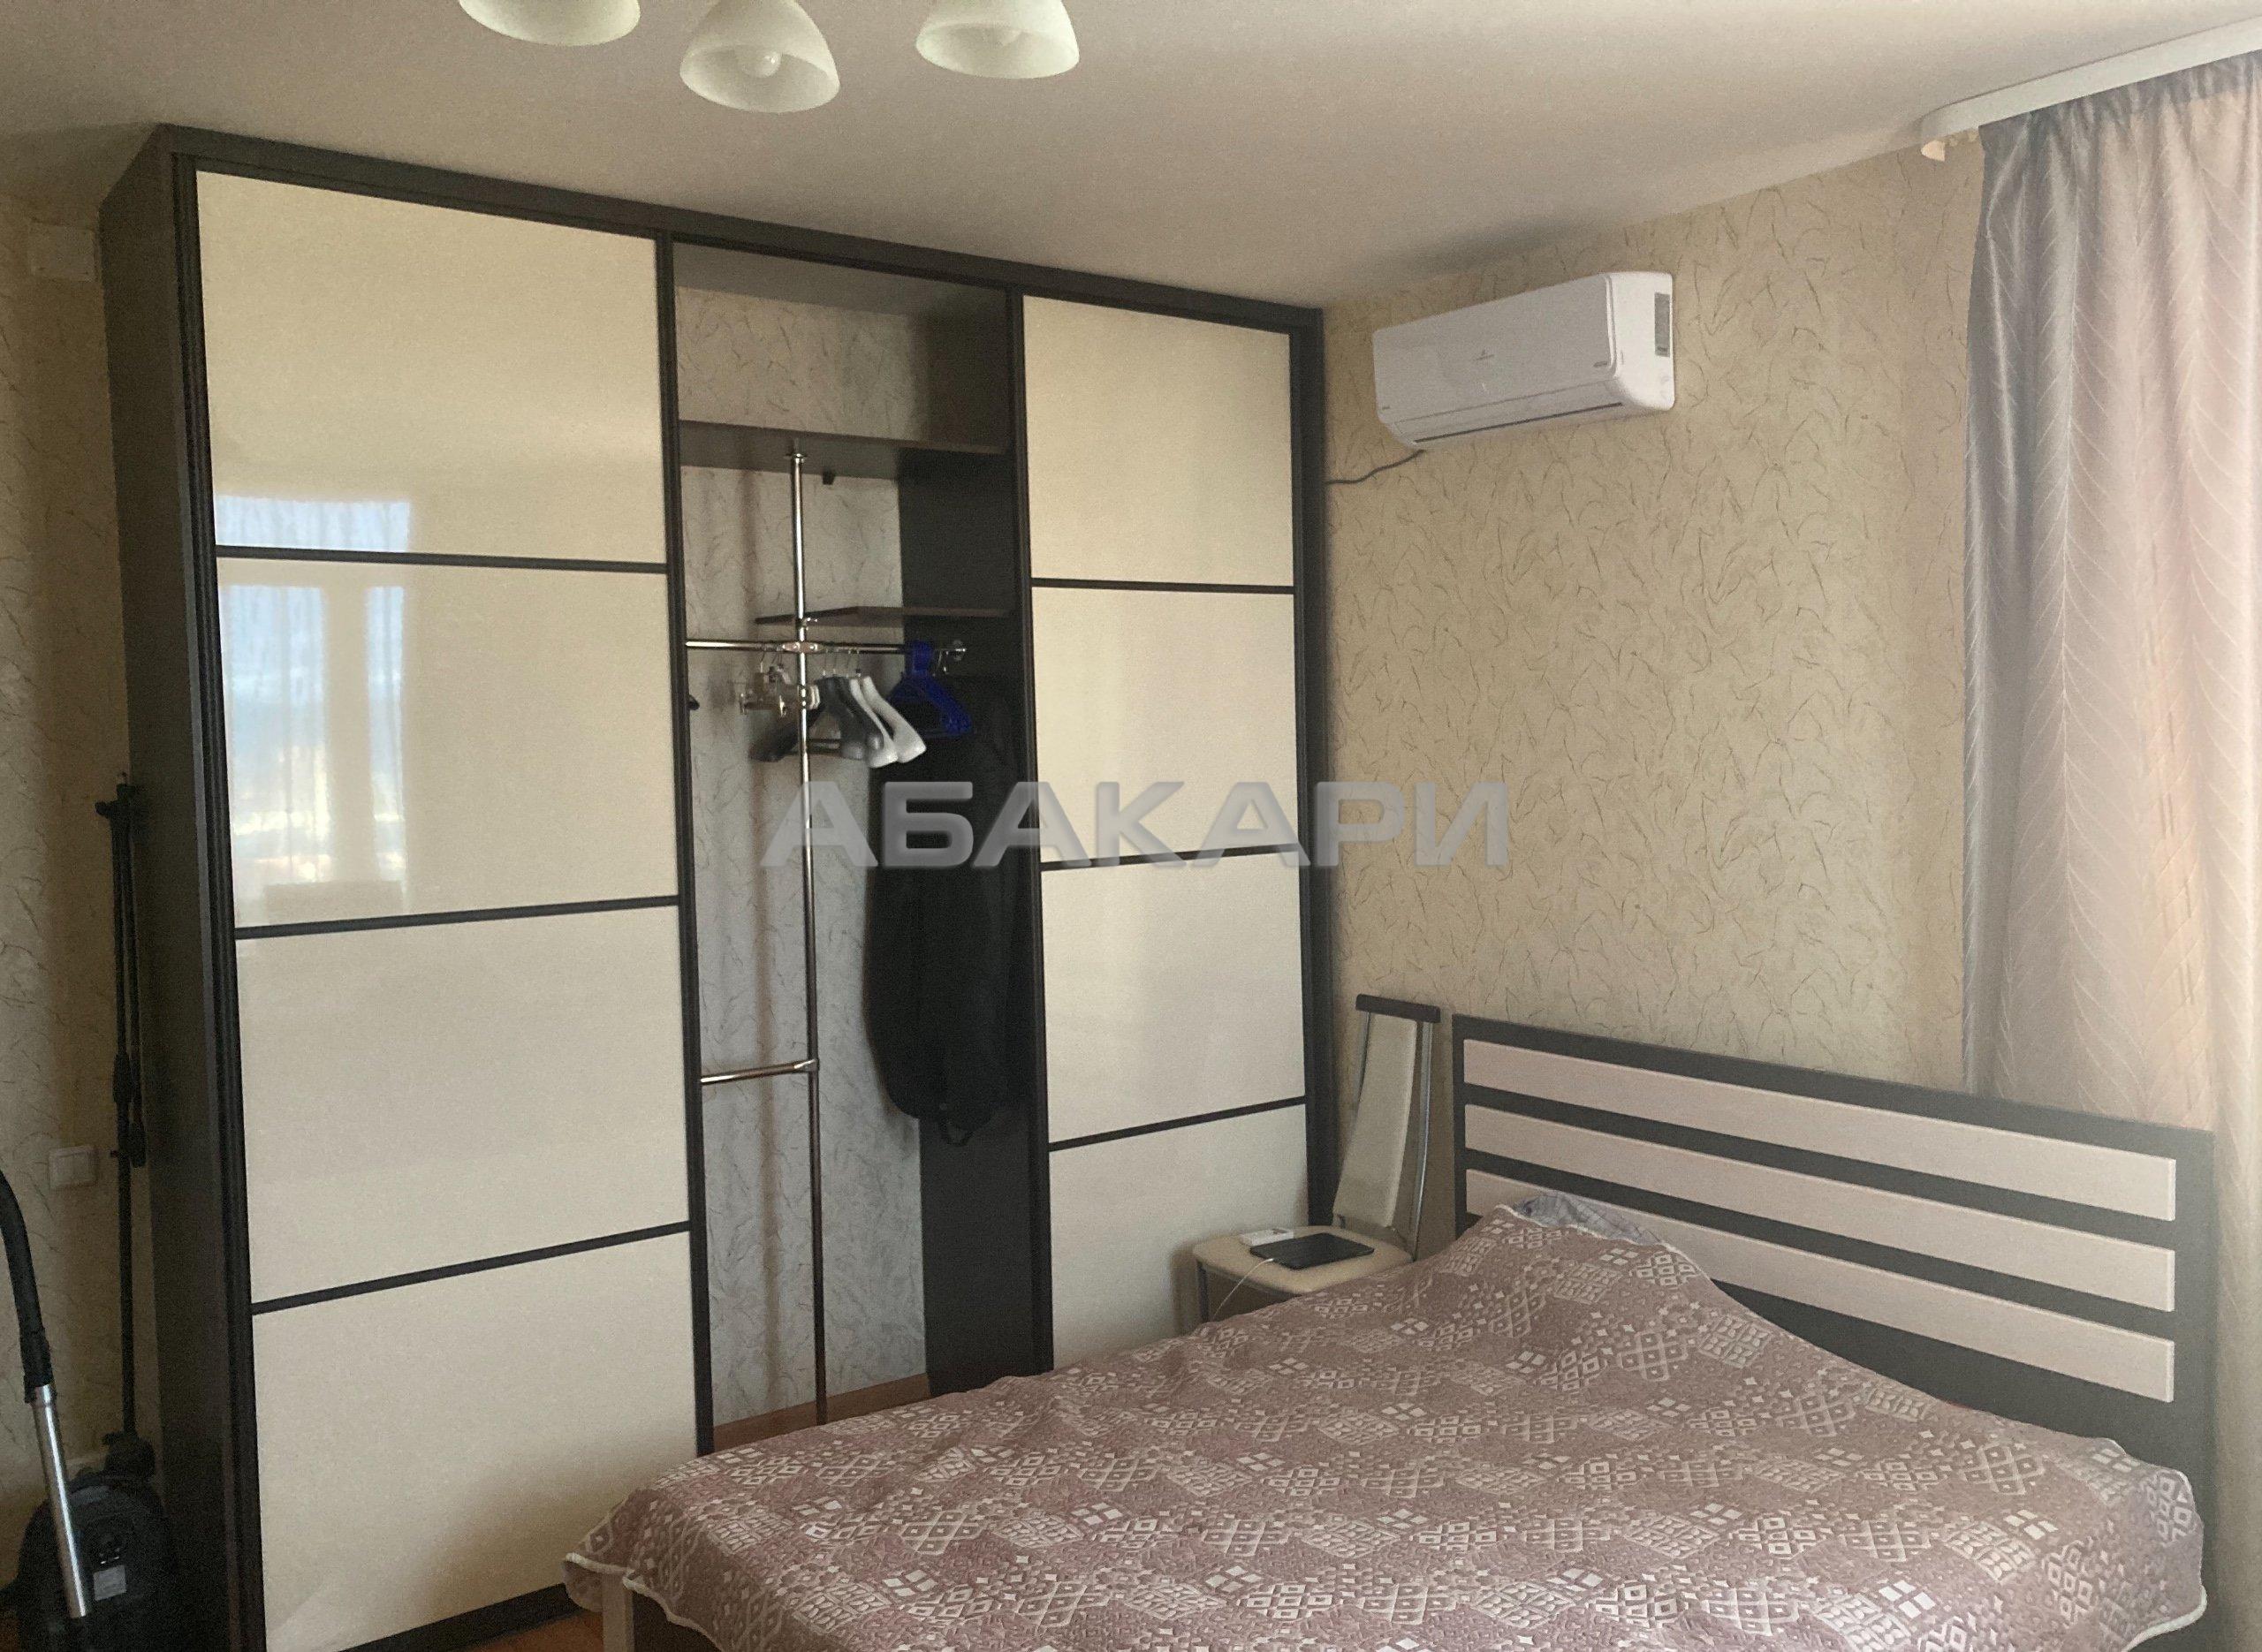 1к квартира ул Алексеева, д 41 23/25 - 45кв | 25000 | аренда в Красноярске фото 0